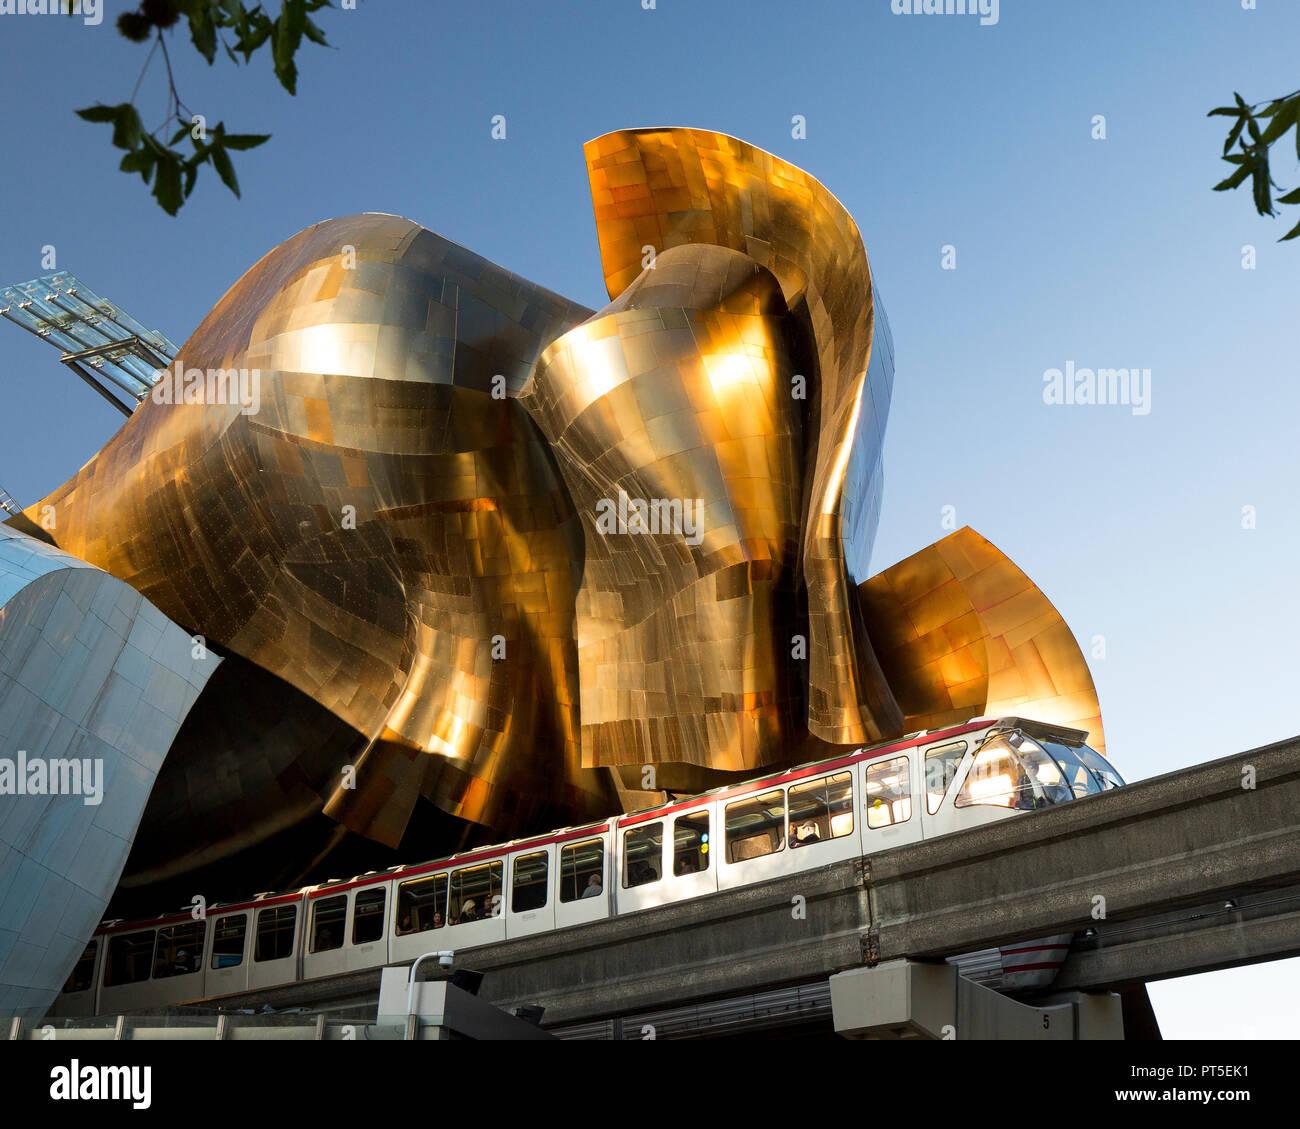 Le Monorail de Seattle avec RPBB, Musée de la culture populaire. Photo Stock